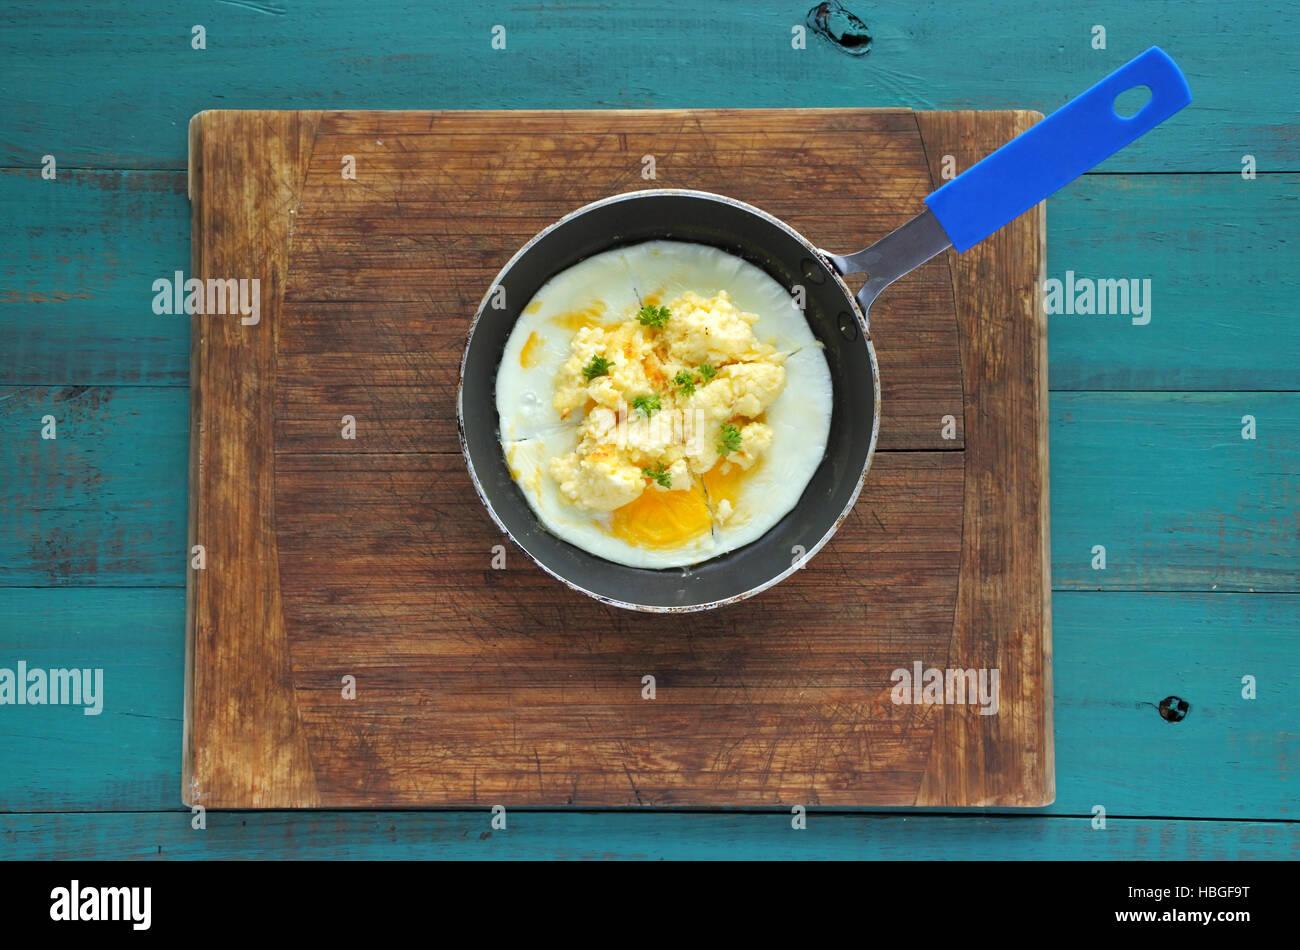 Wohnung lag der Rührei in einem rustikalen Stift. Essen Hintergrundtextur. Textfreiraum Stockbild